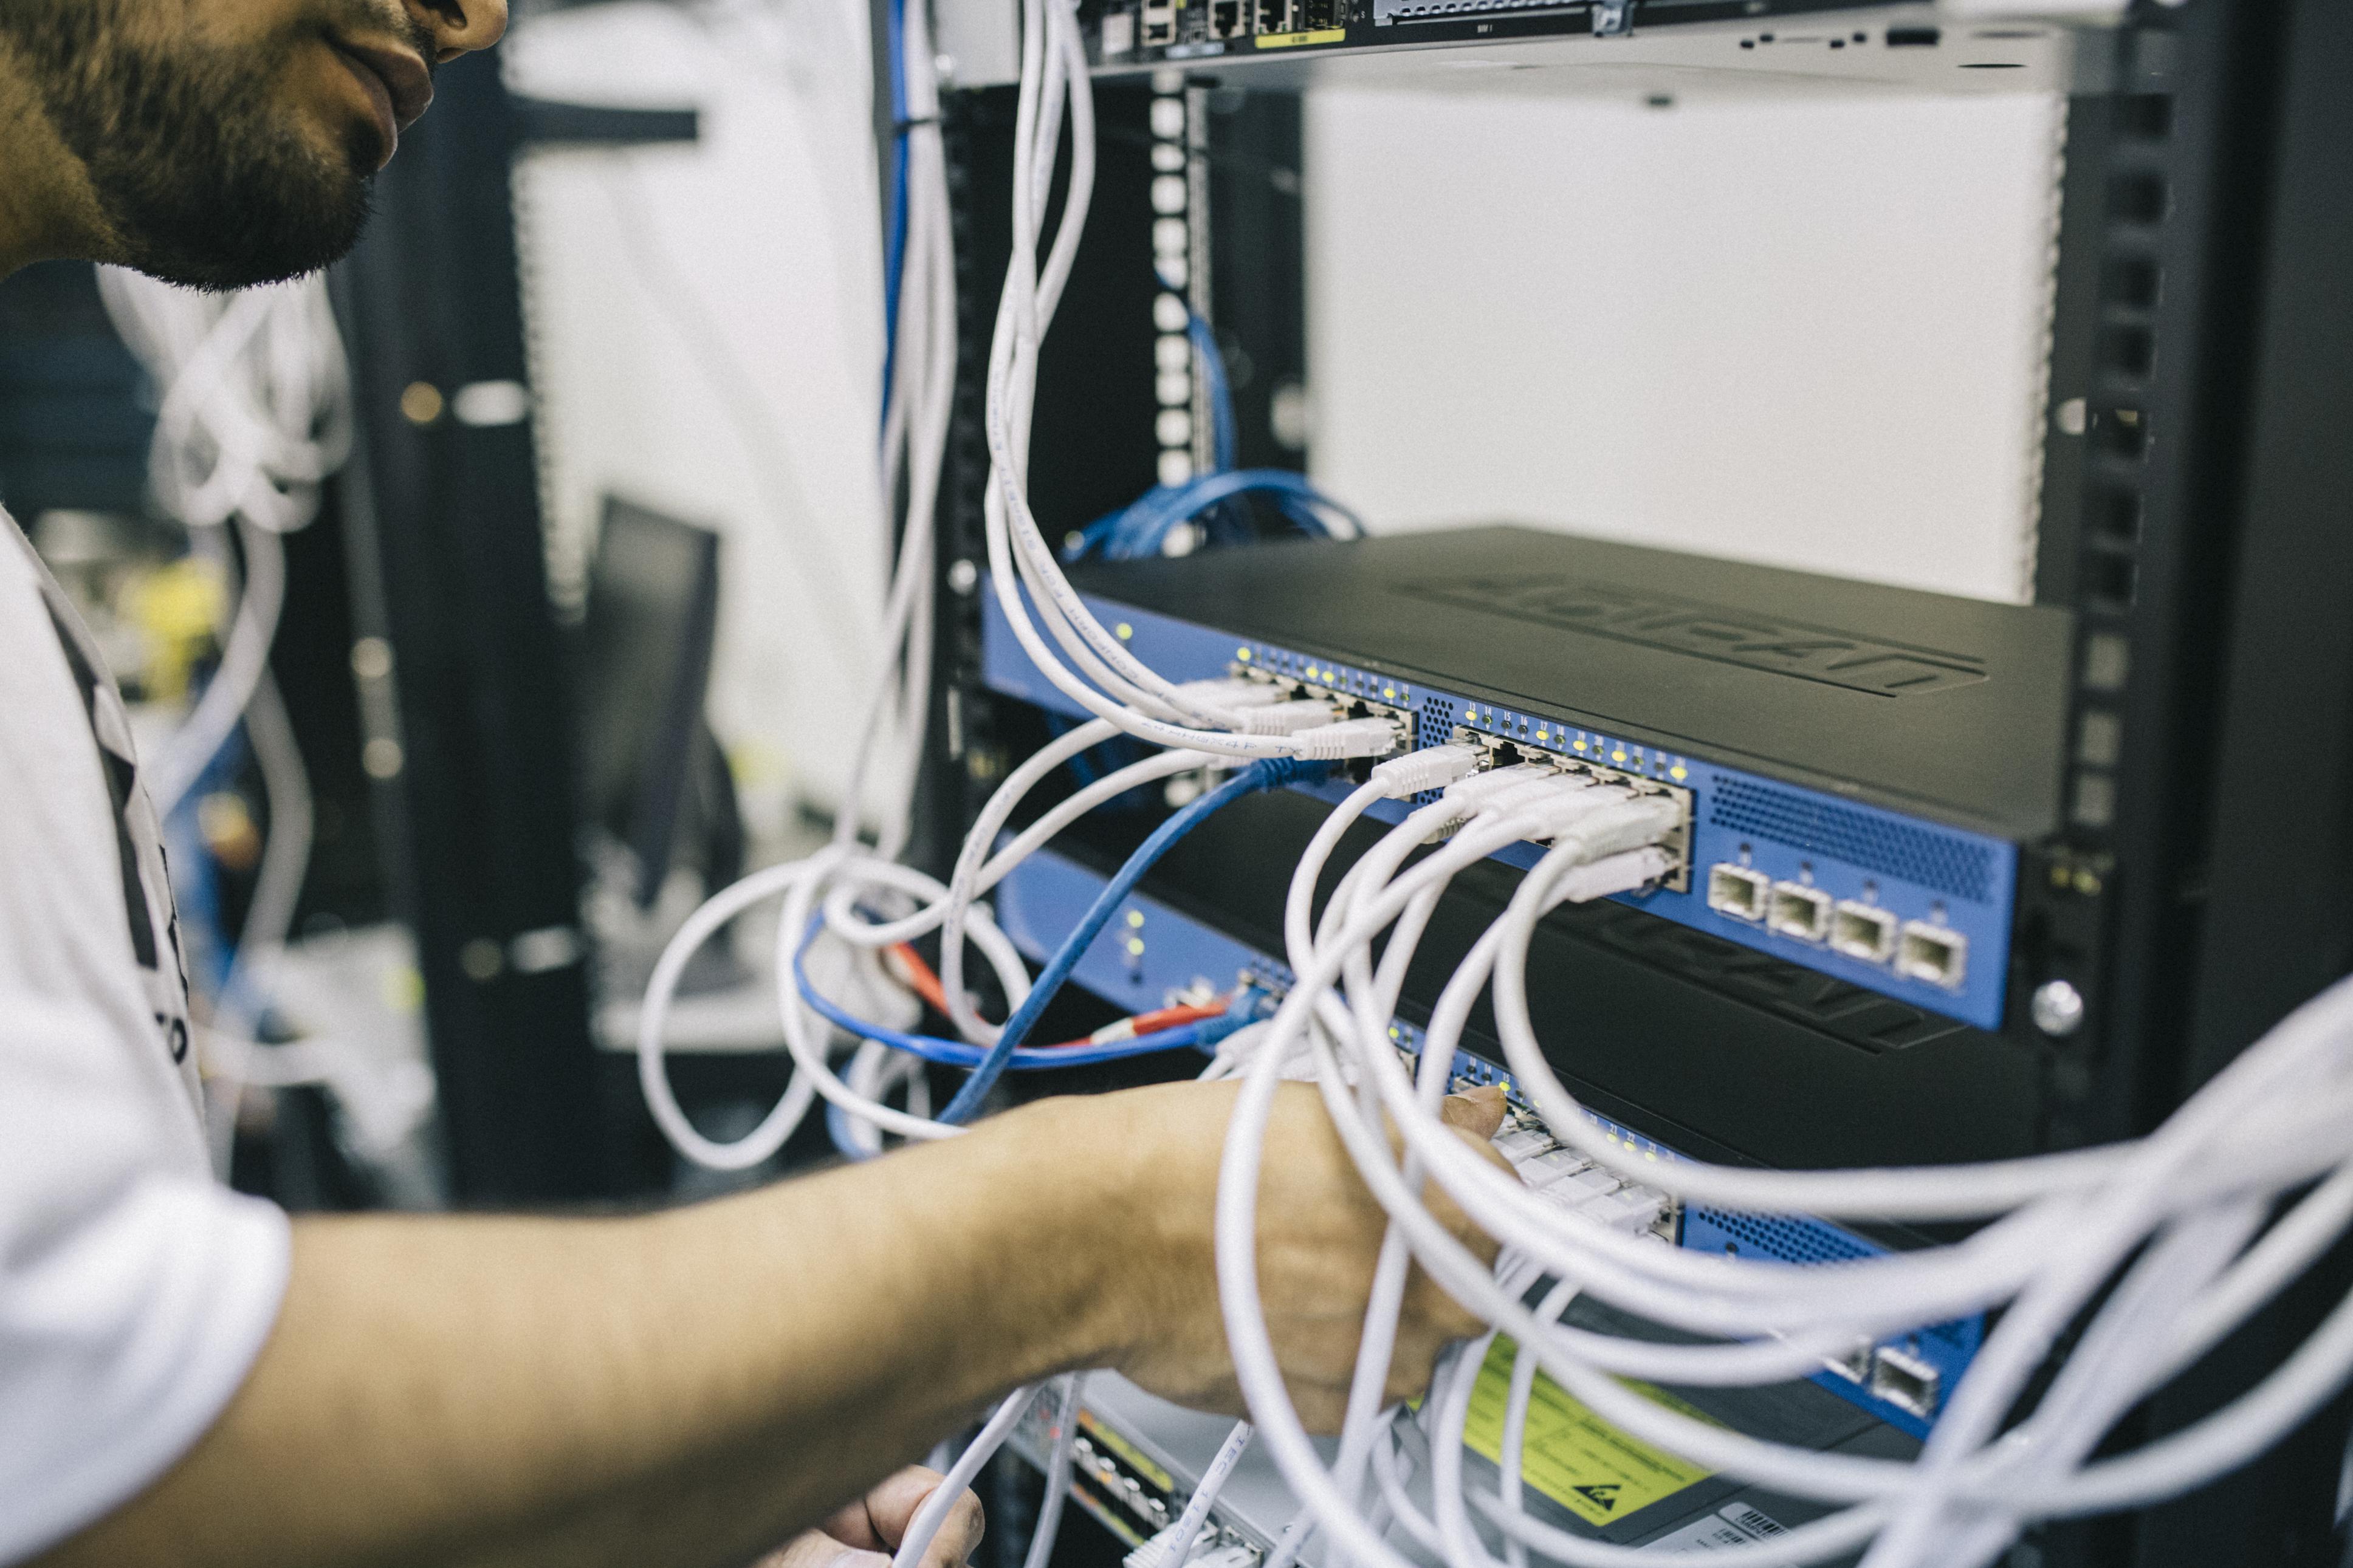 یازده ابزار نرم افزاری پرکاربرد عیب یابی شبکه در ویندوز